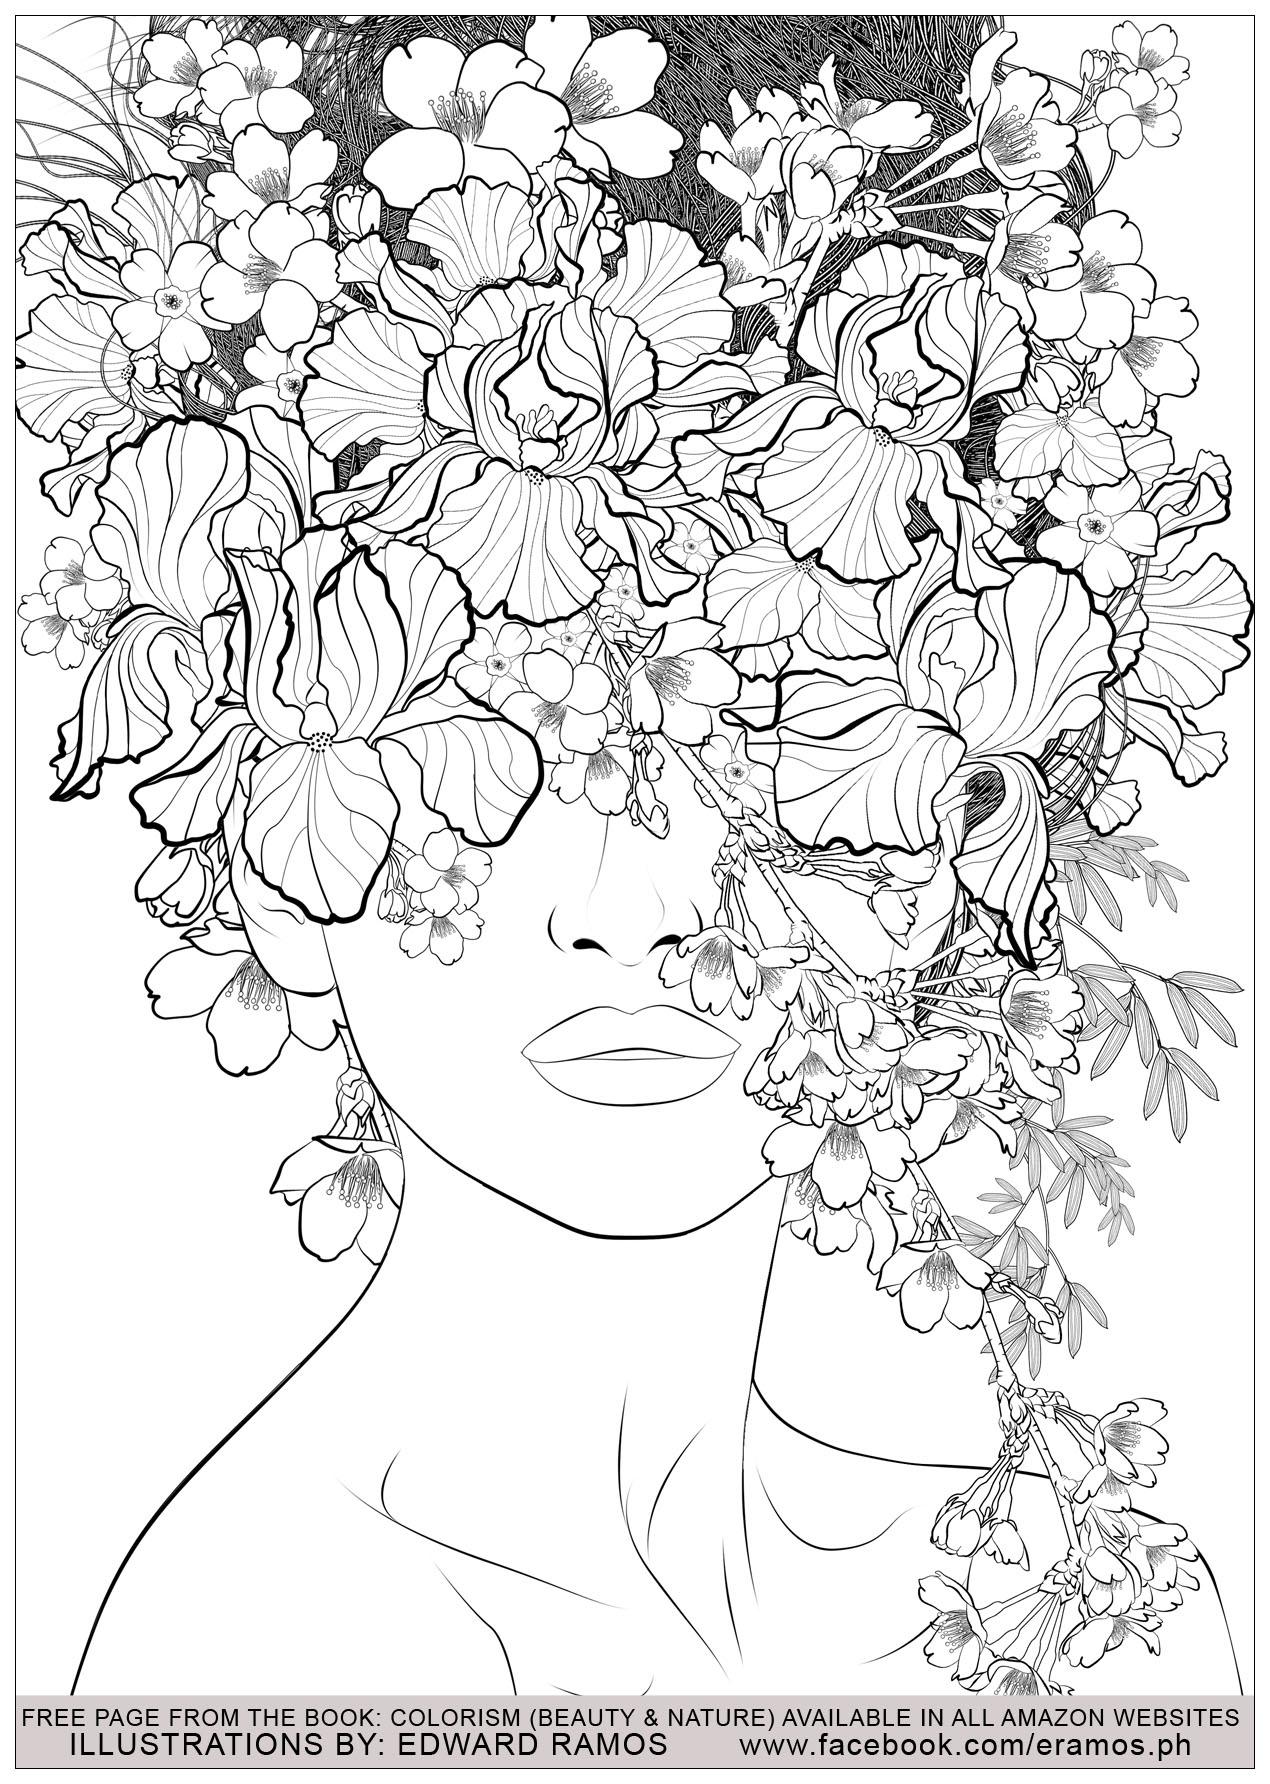 Illustration tirée du livre ' Colorism: Beauty & Nature' d'Edward Ramos - 7